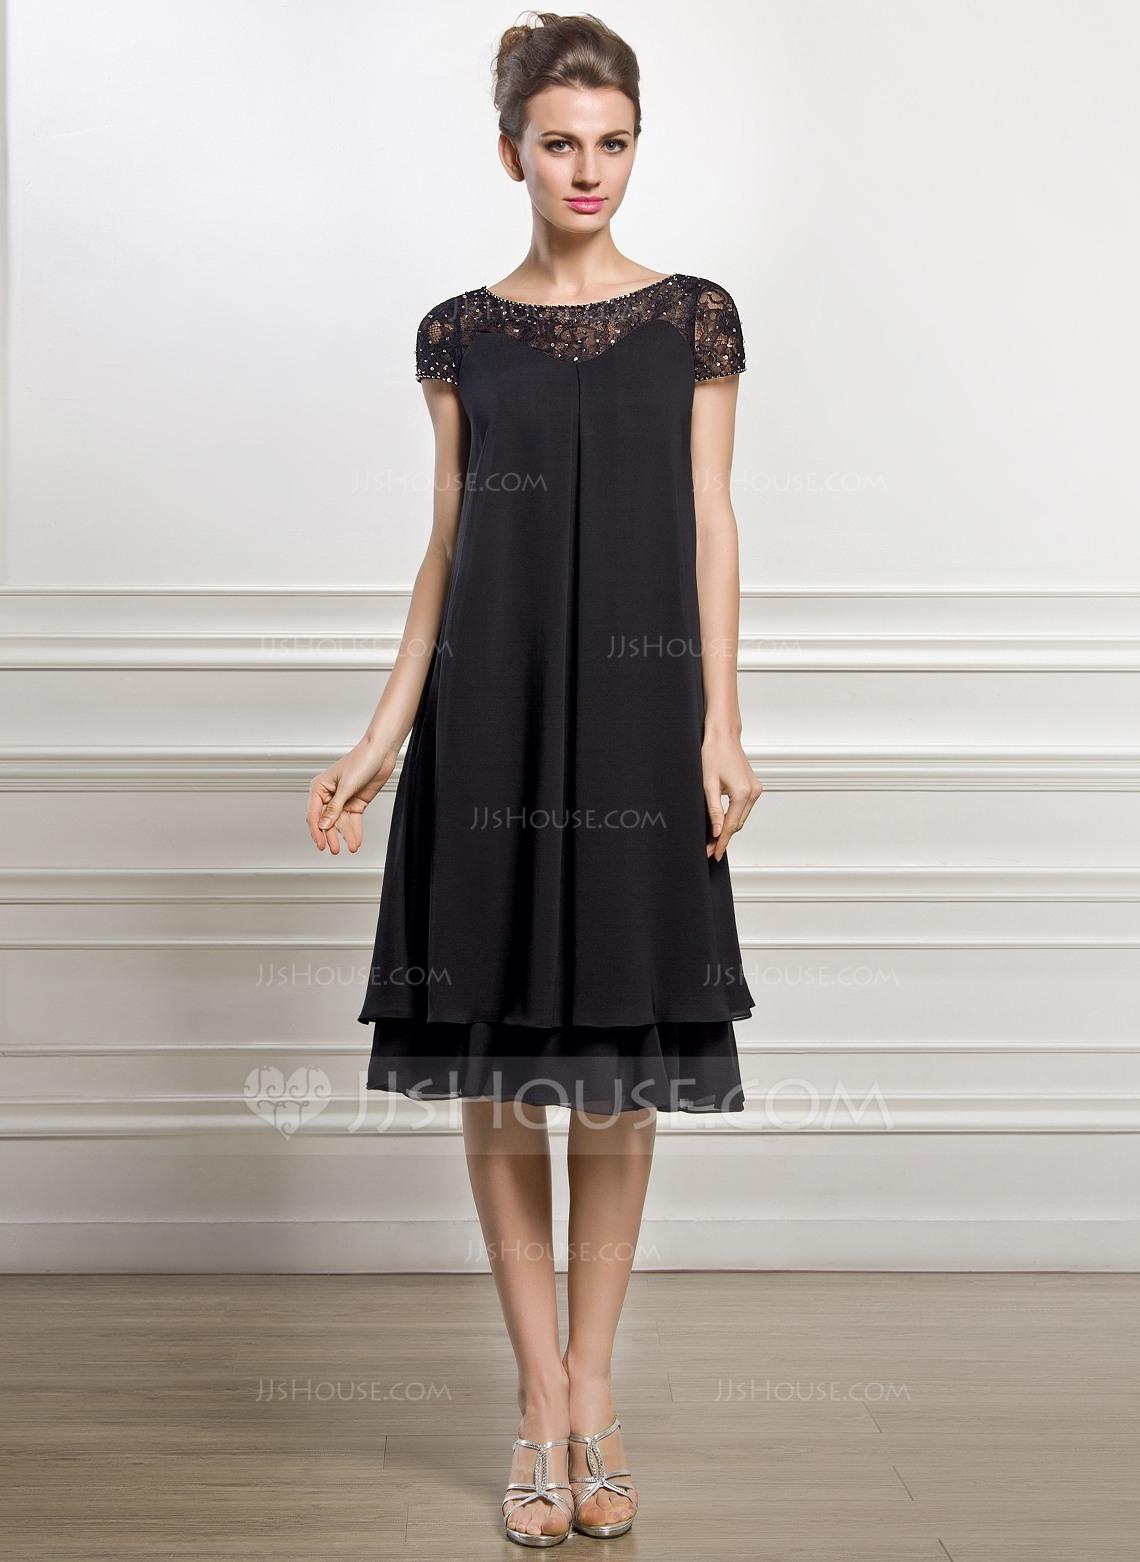 Designer Einfach Kleider Für Brautmutter Galerie10 Wunderbar Kleider Für Brautmutter Design